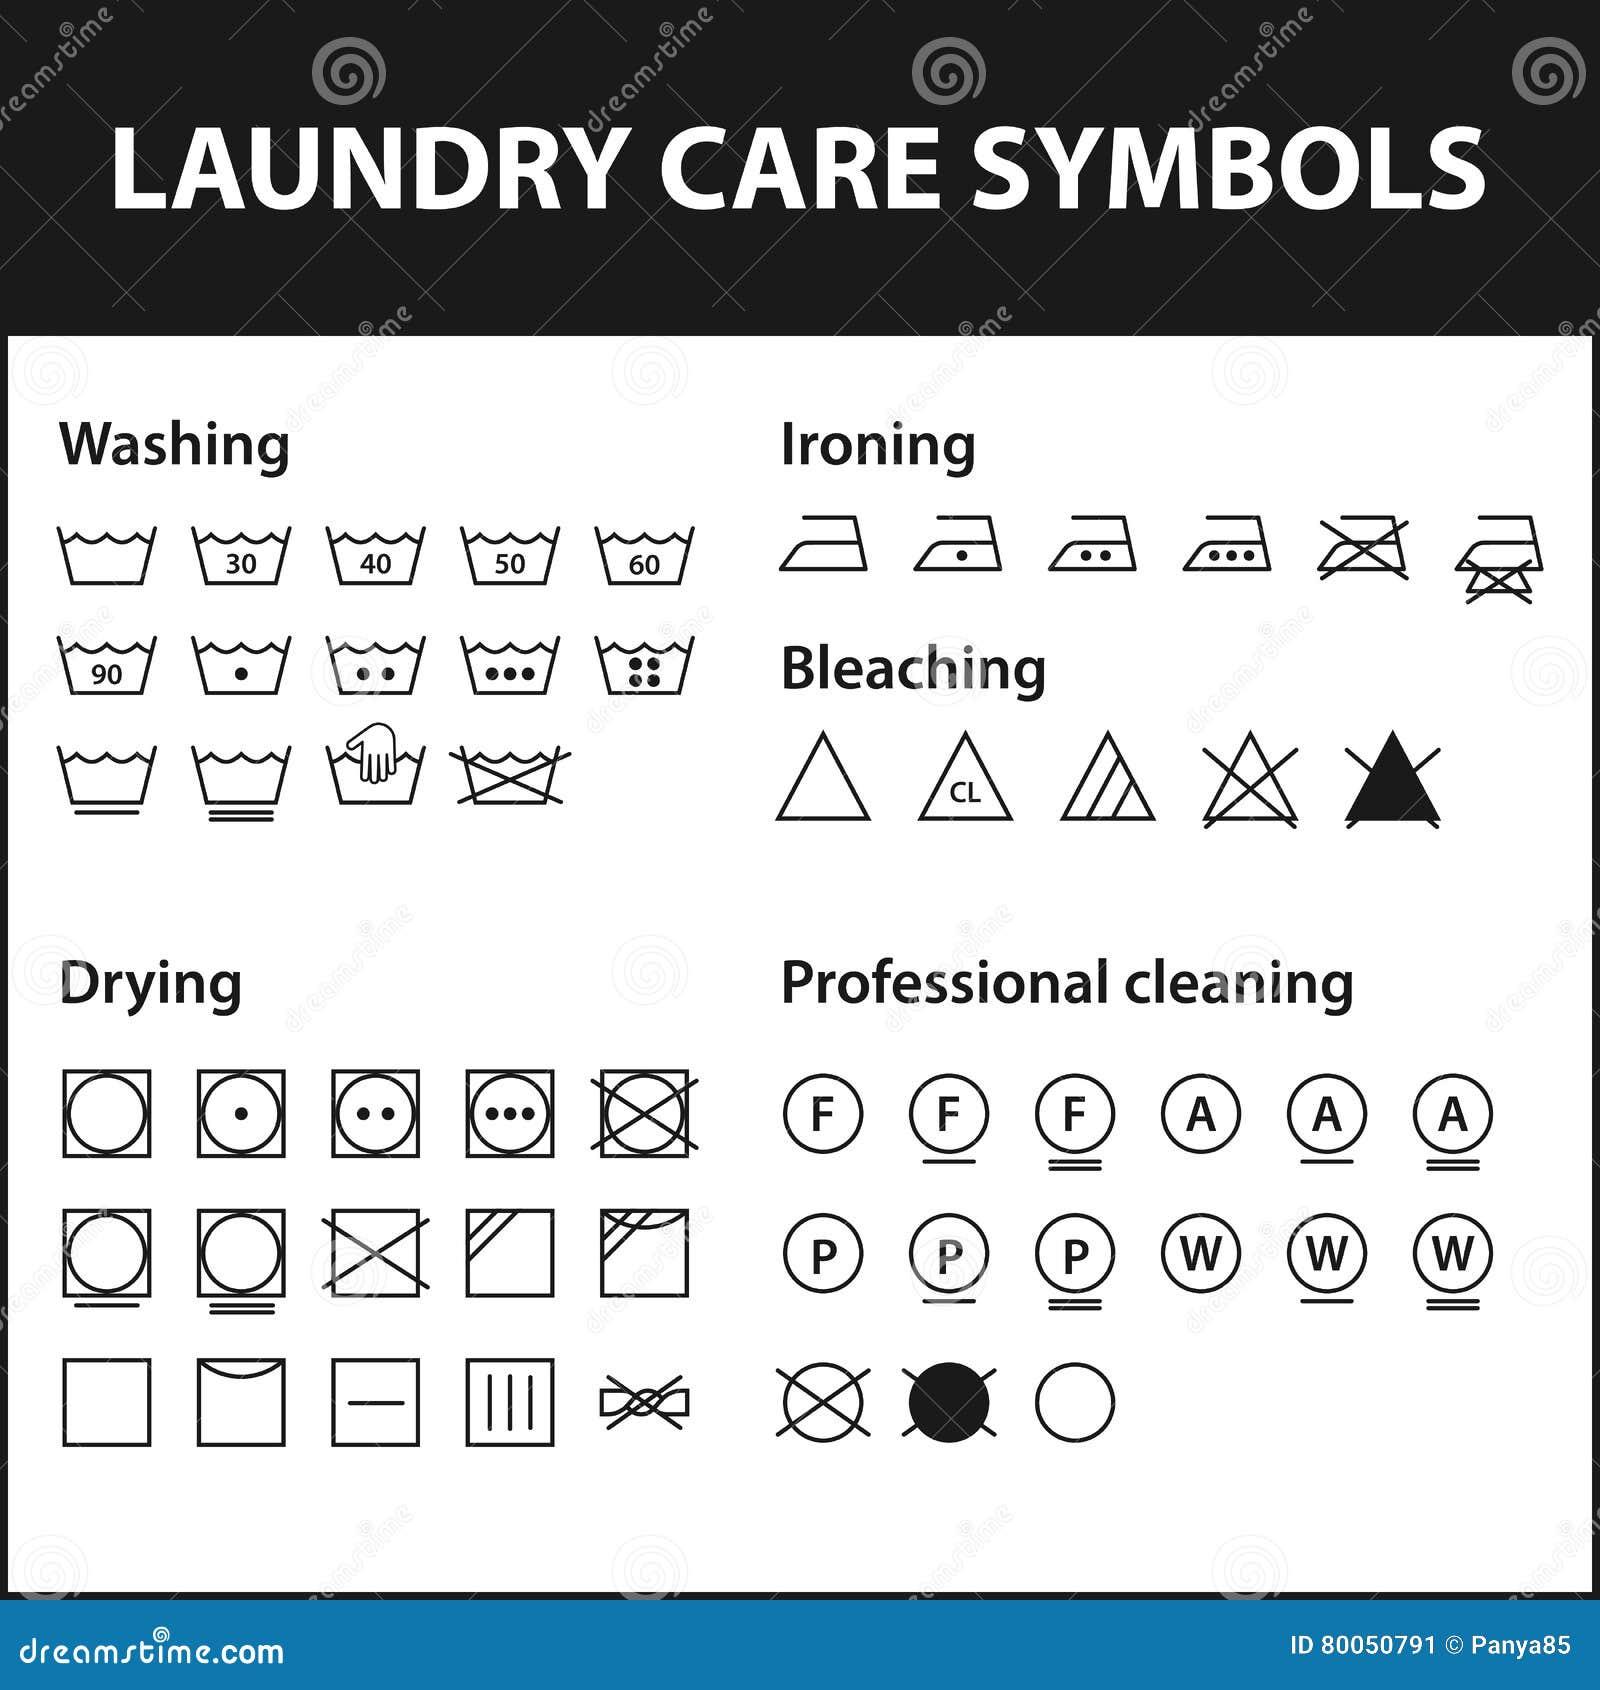 Icon set of laundry symbols washing instruction symbols cloth icon set of laundry symbols washing instruction symbols cloth textile care signs collection buycottarizona